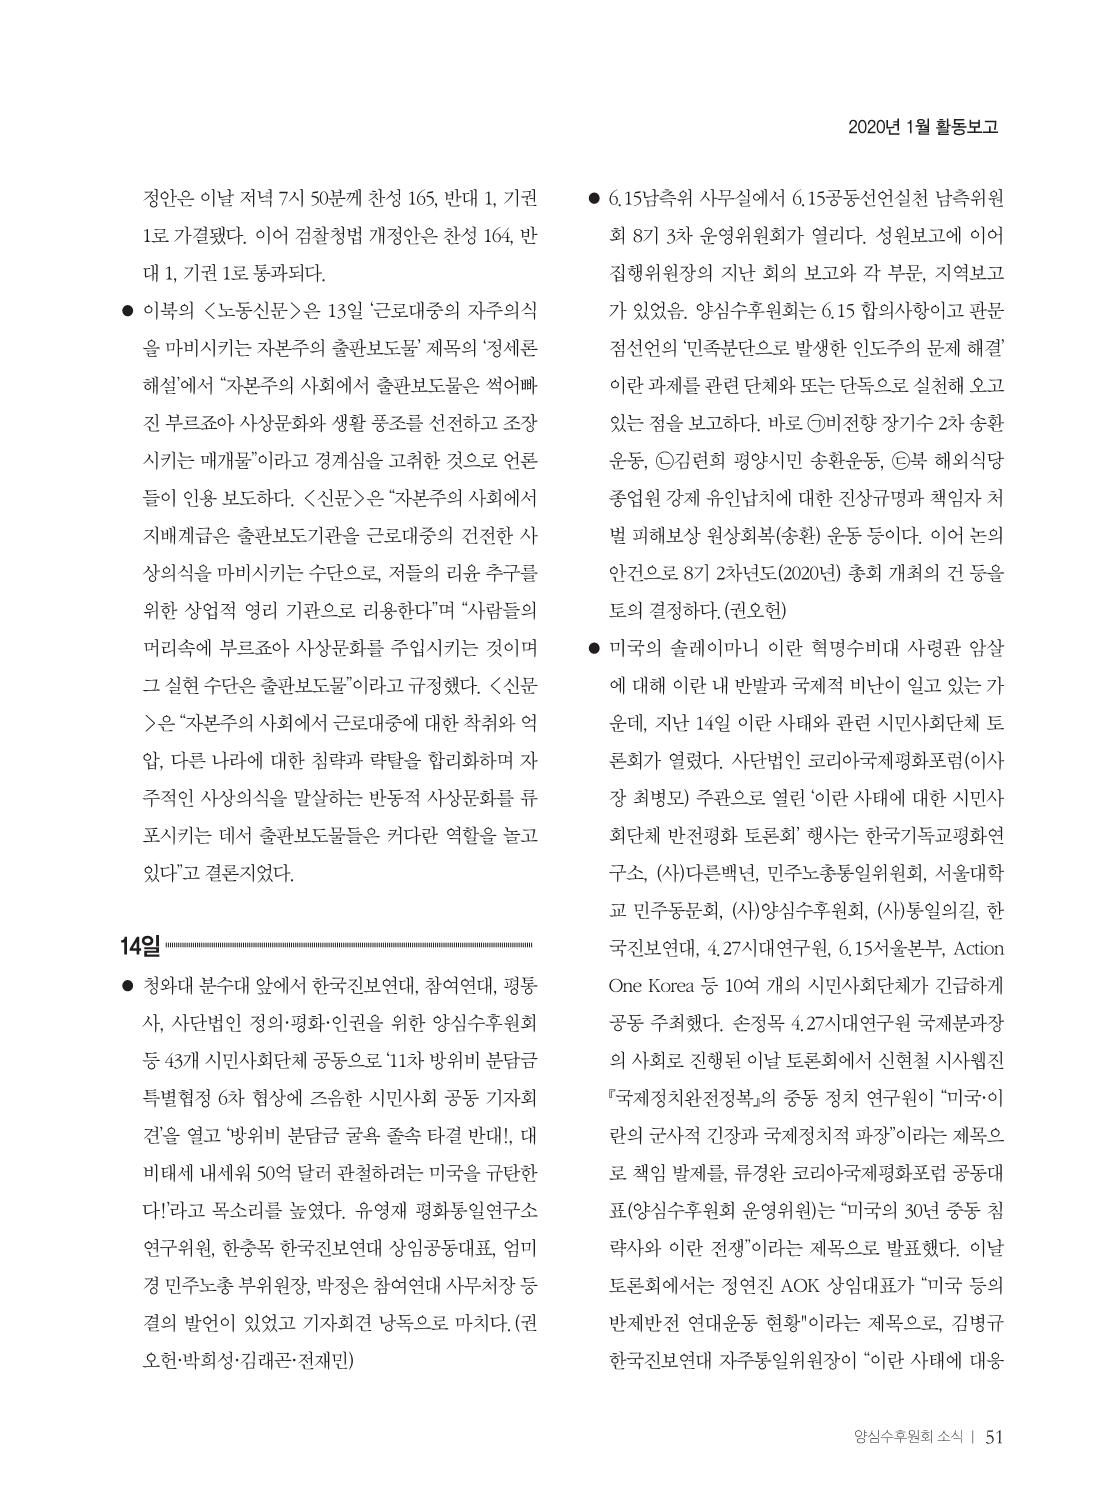 c3a550e7-2d95-46c0-bdec-64c56104ebf4.pdf-0053.png